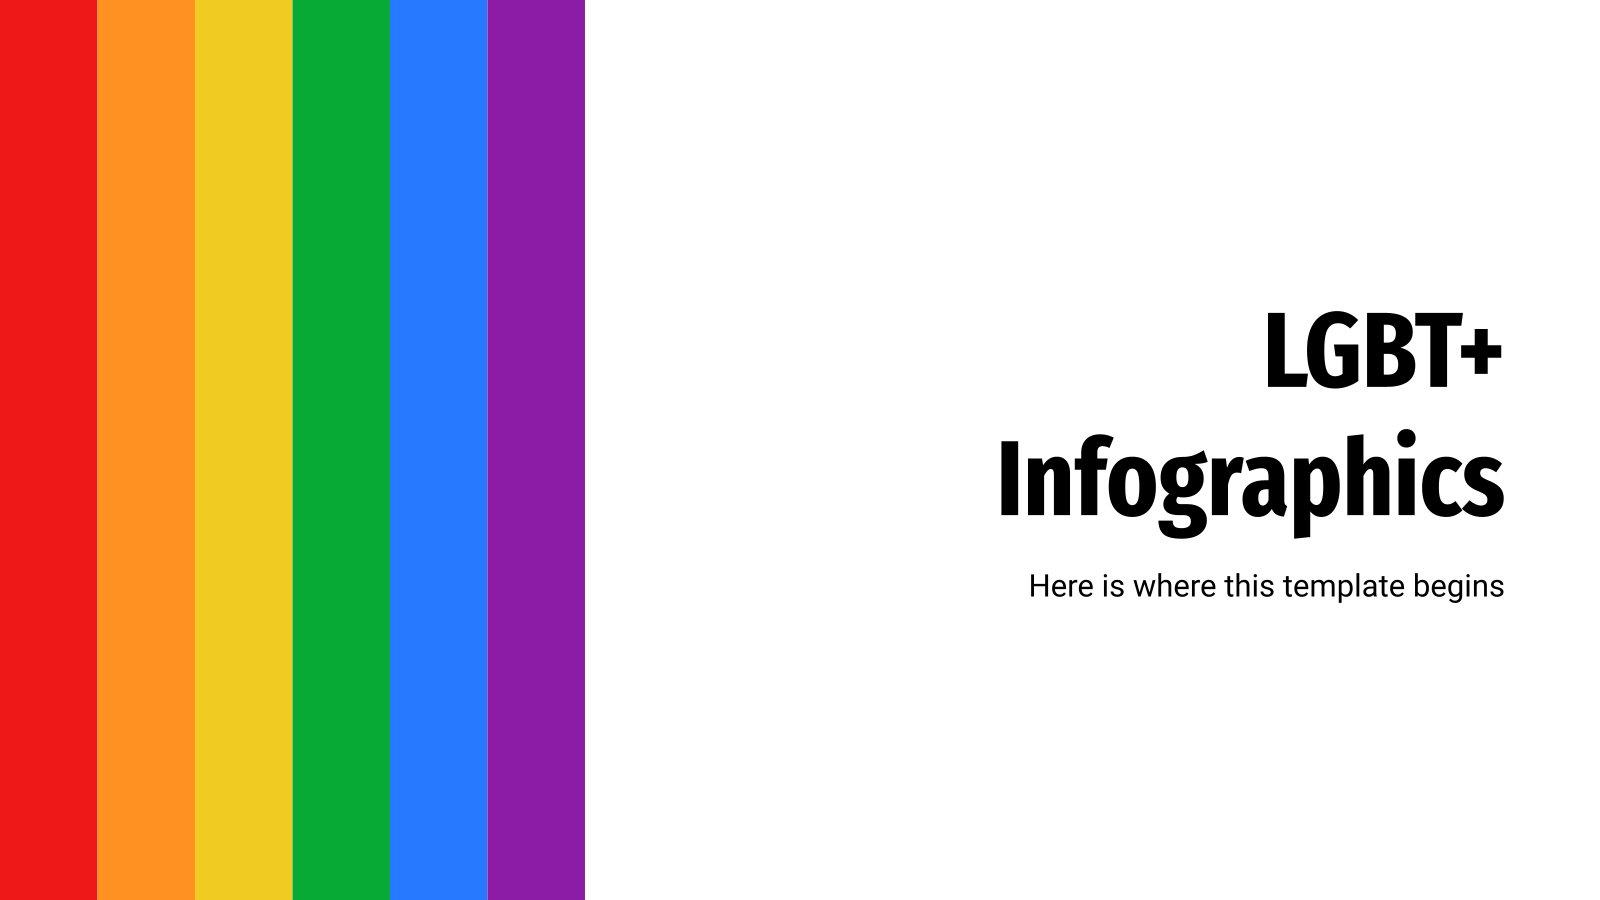 Plantilla de presentación Infografías LGTB+